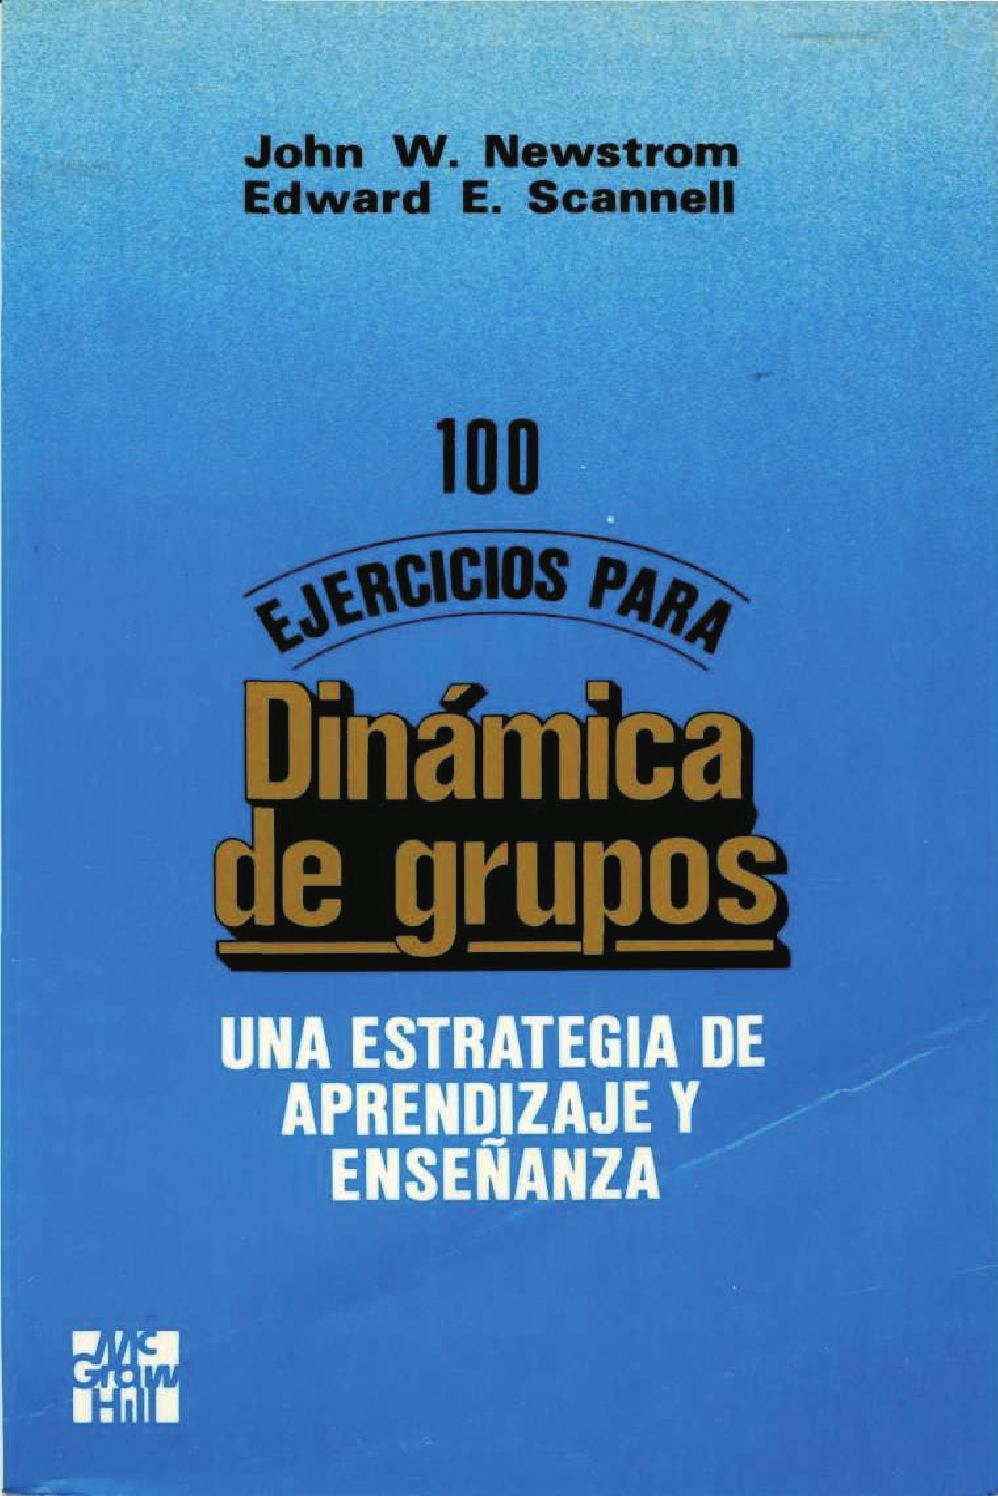 100 Ejercicios Para Dinamica De Grupos By Hans Gutierrez Issuu